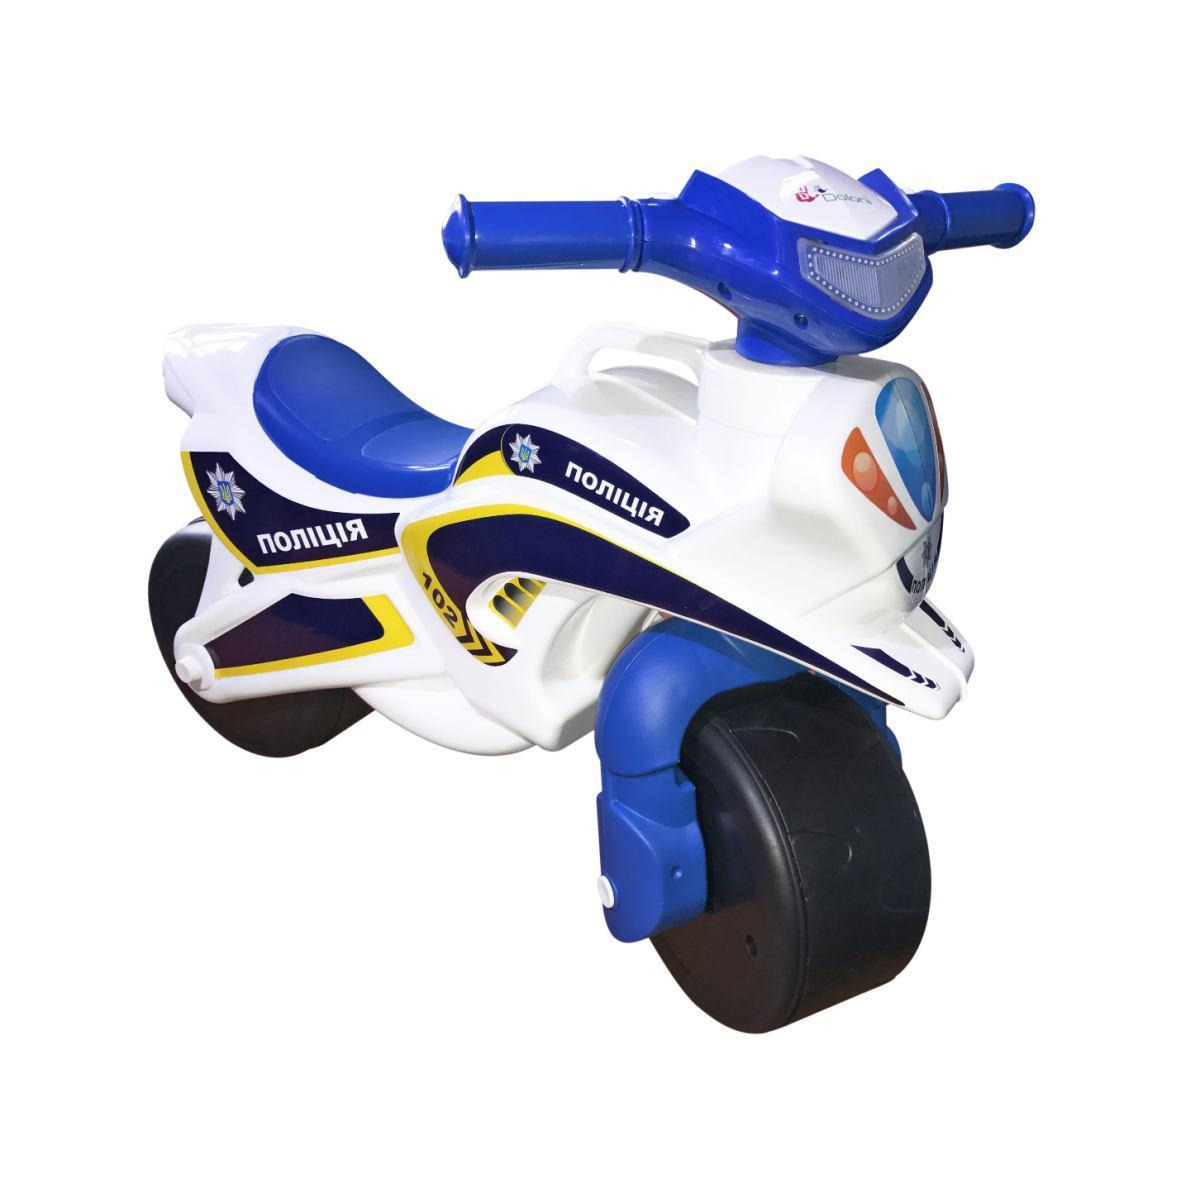 Мотобайк Поліція мотоцикл Фламінго 0139, музичний